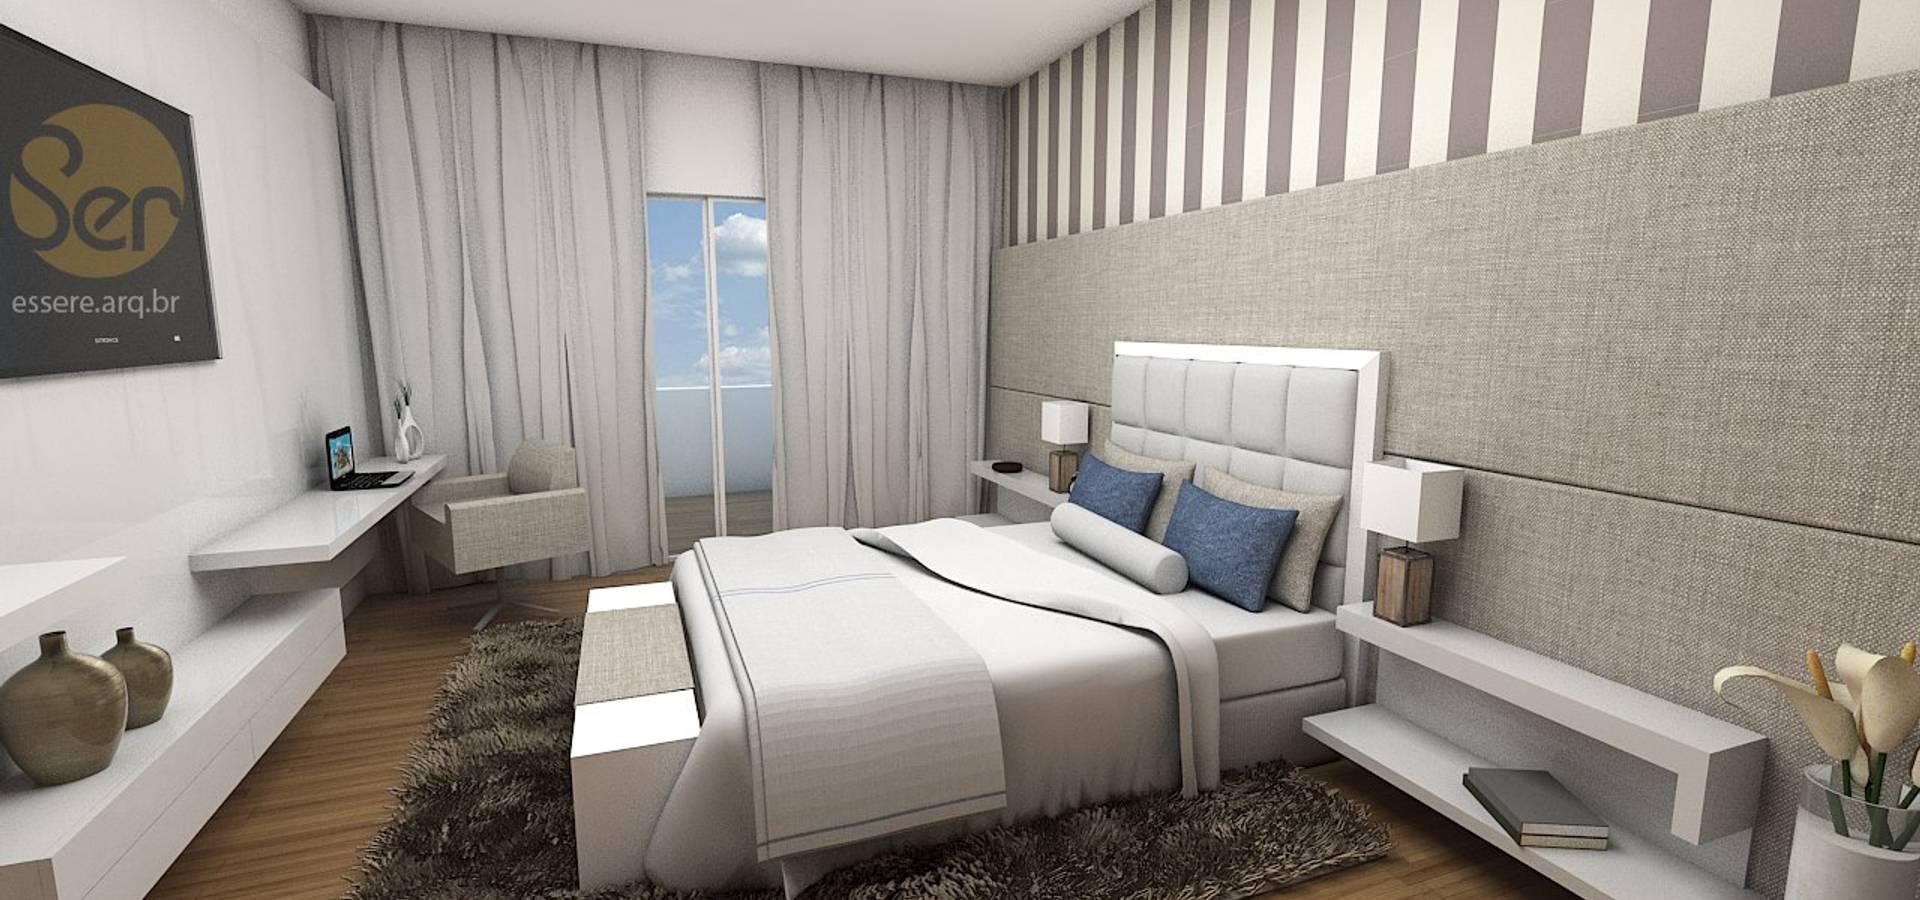 Essere Design de Interiores e Arquitetura